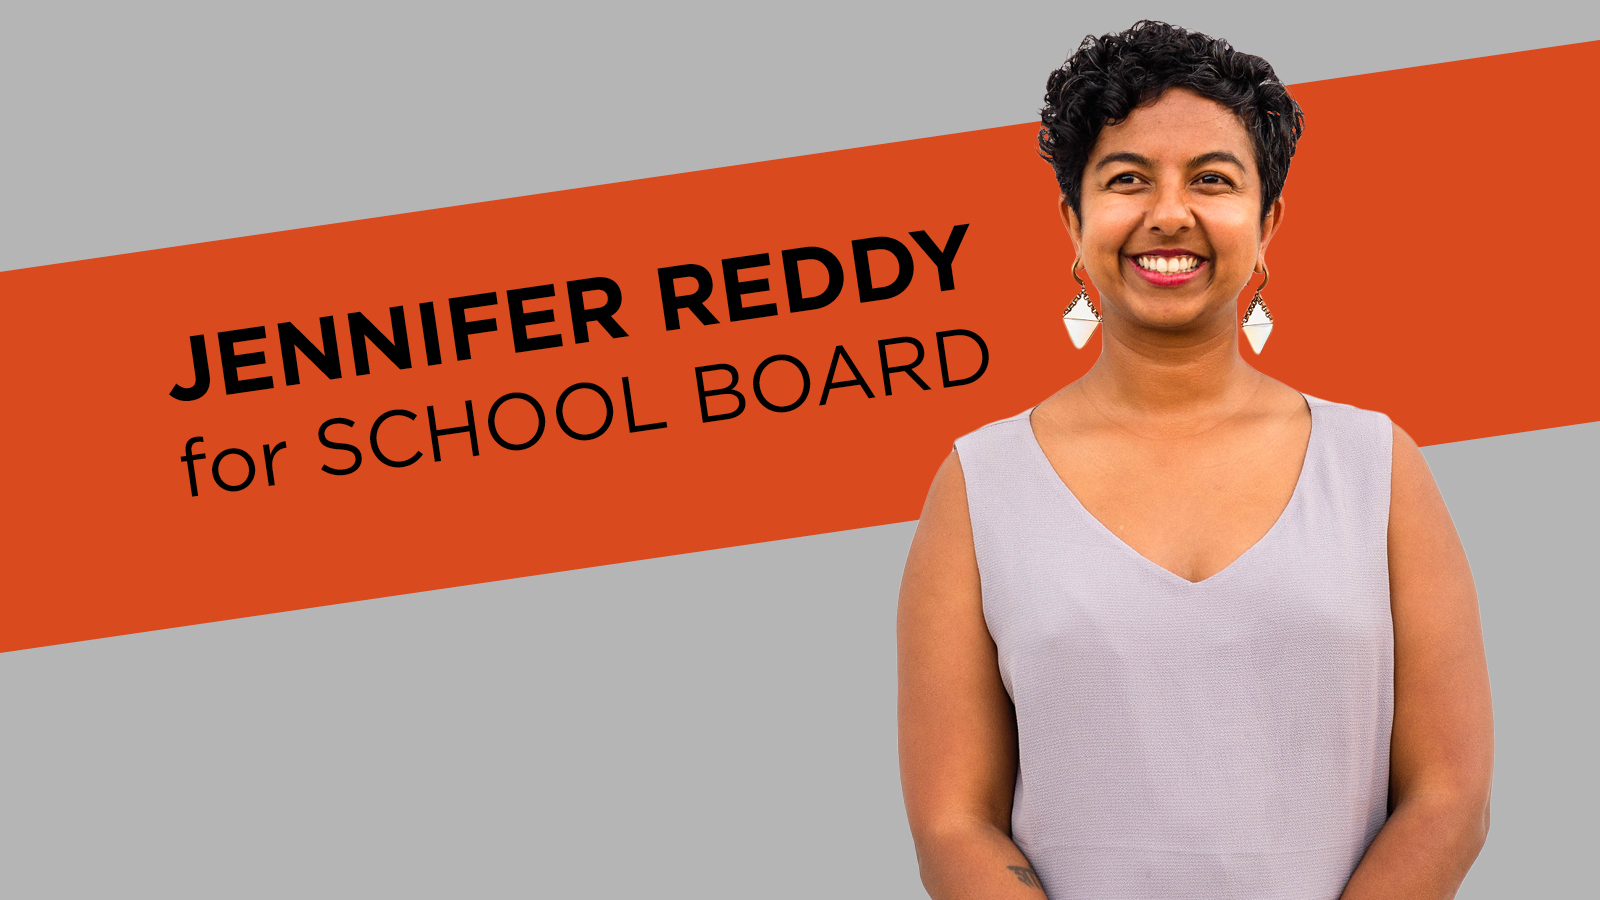 Jennifer Reddy for School Board Photo